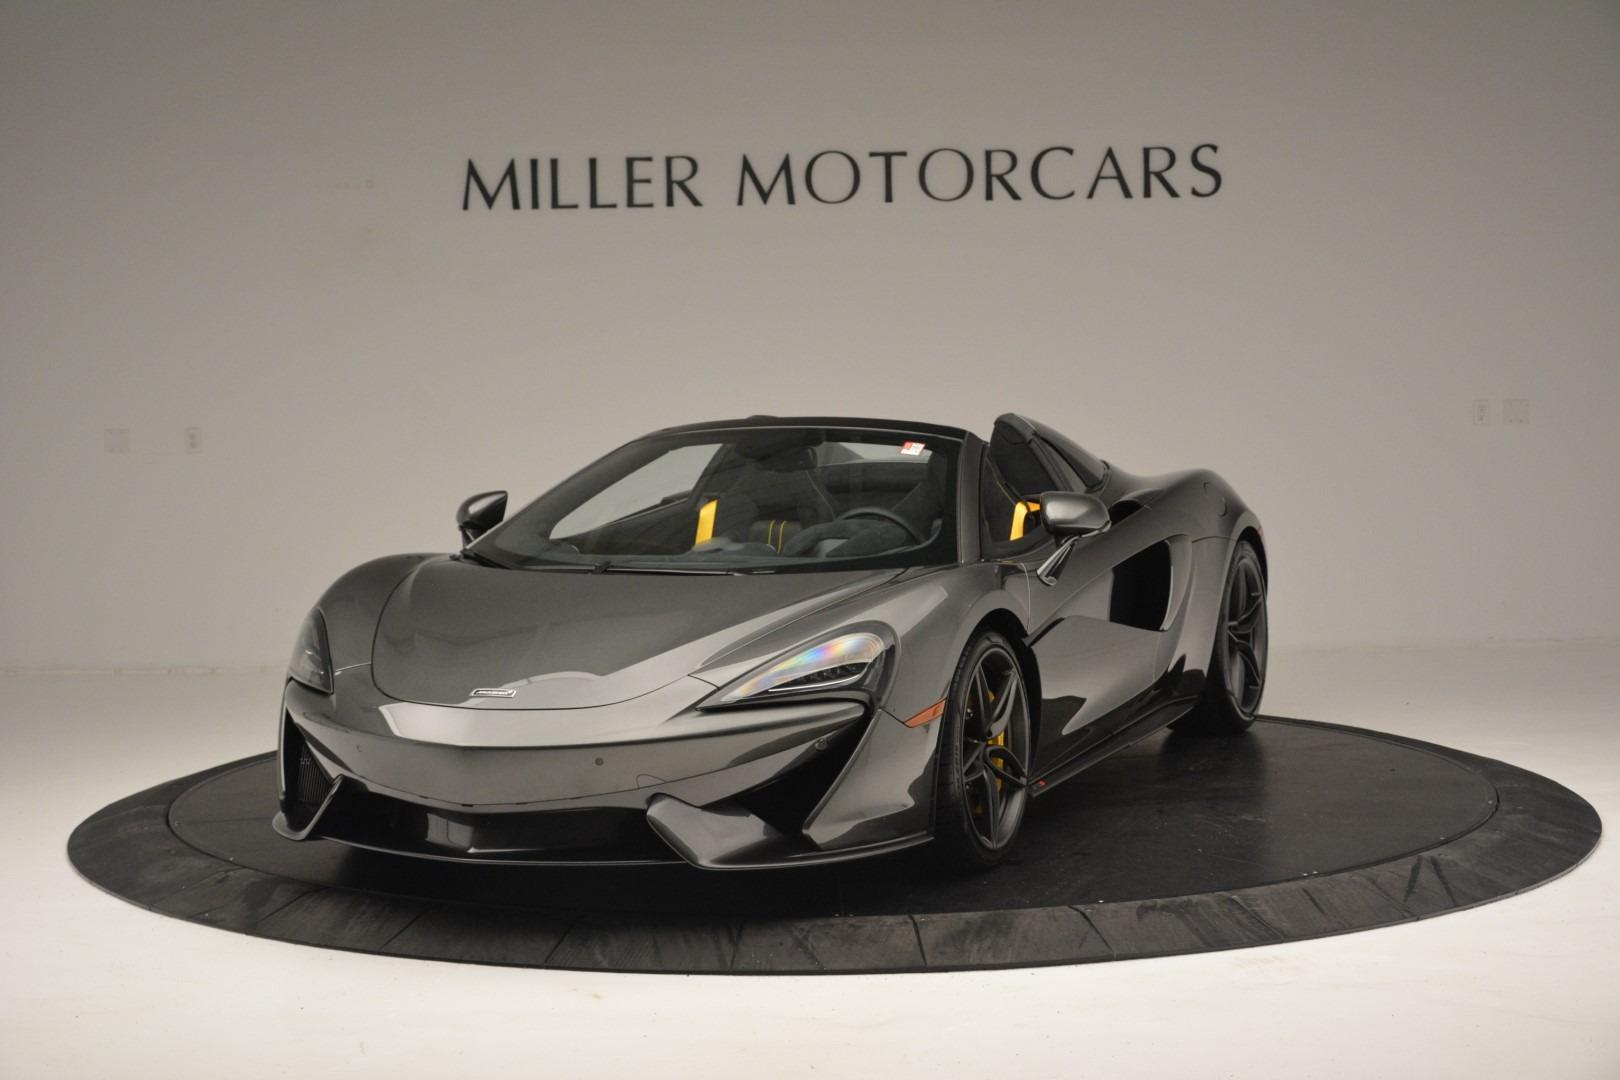 New 2019 McLaren 570S Spider Convertible For Sale In Westport, CT 2526_p2